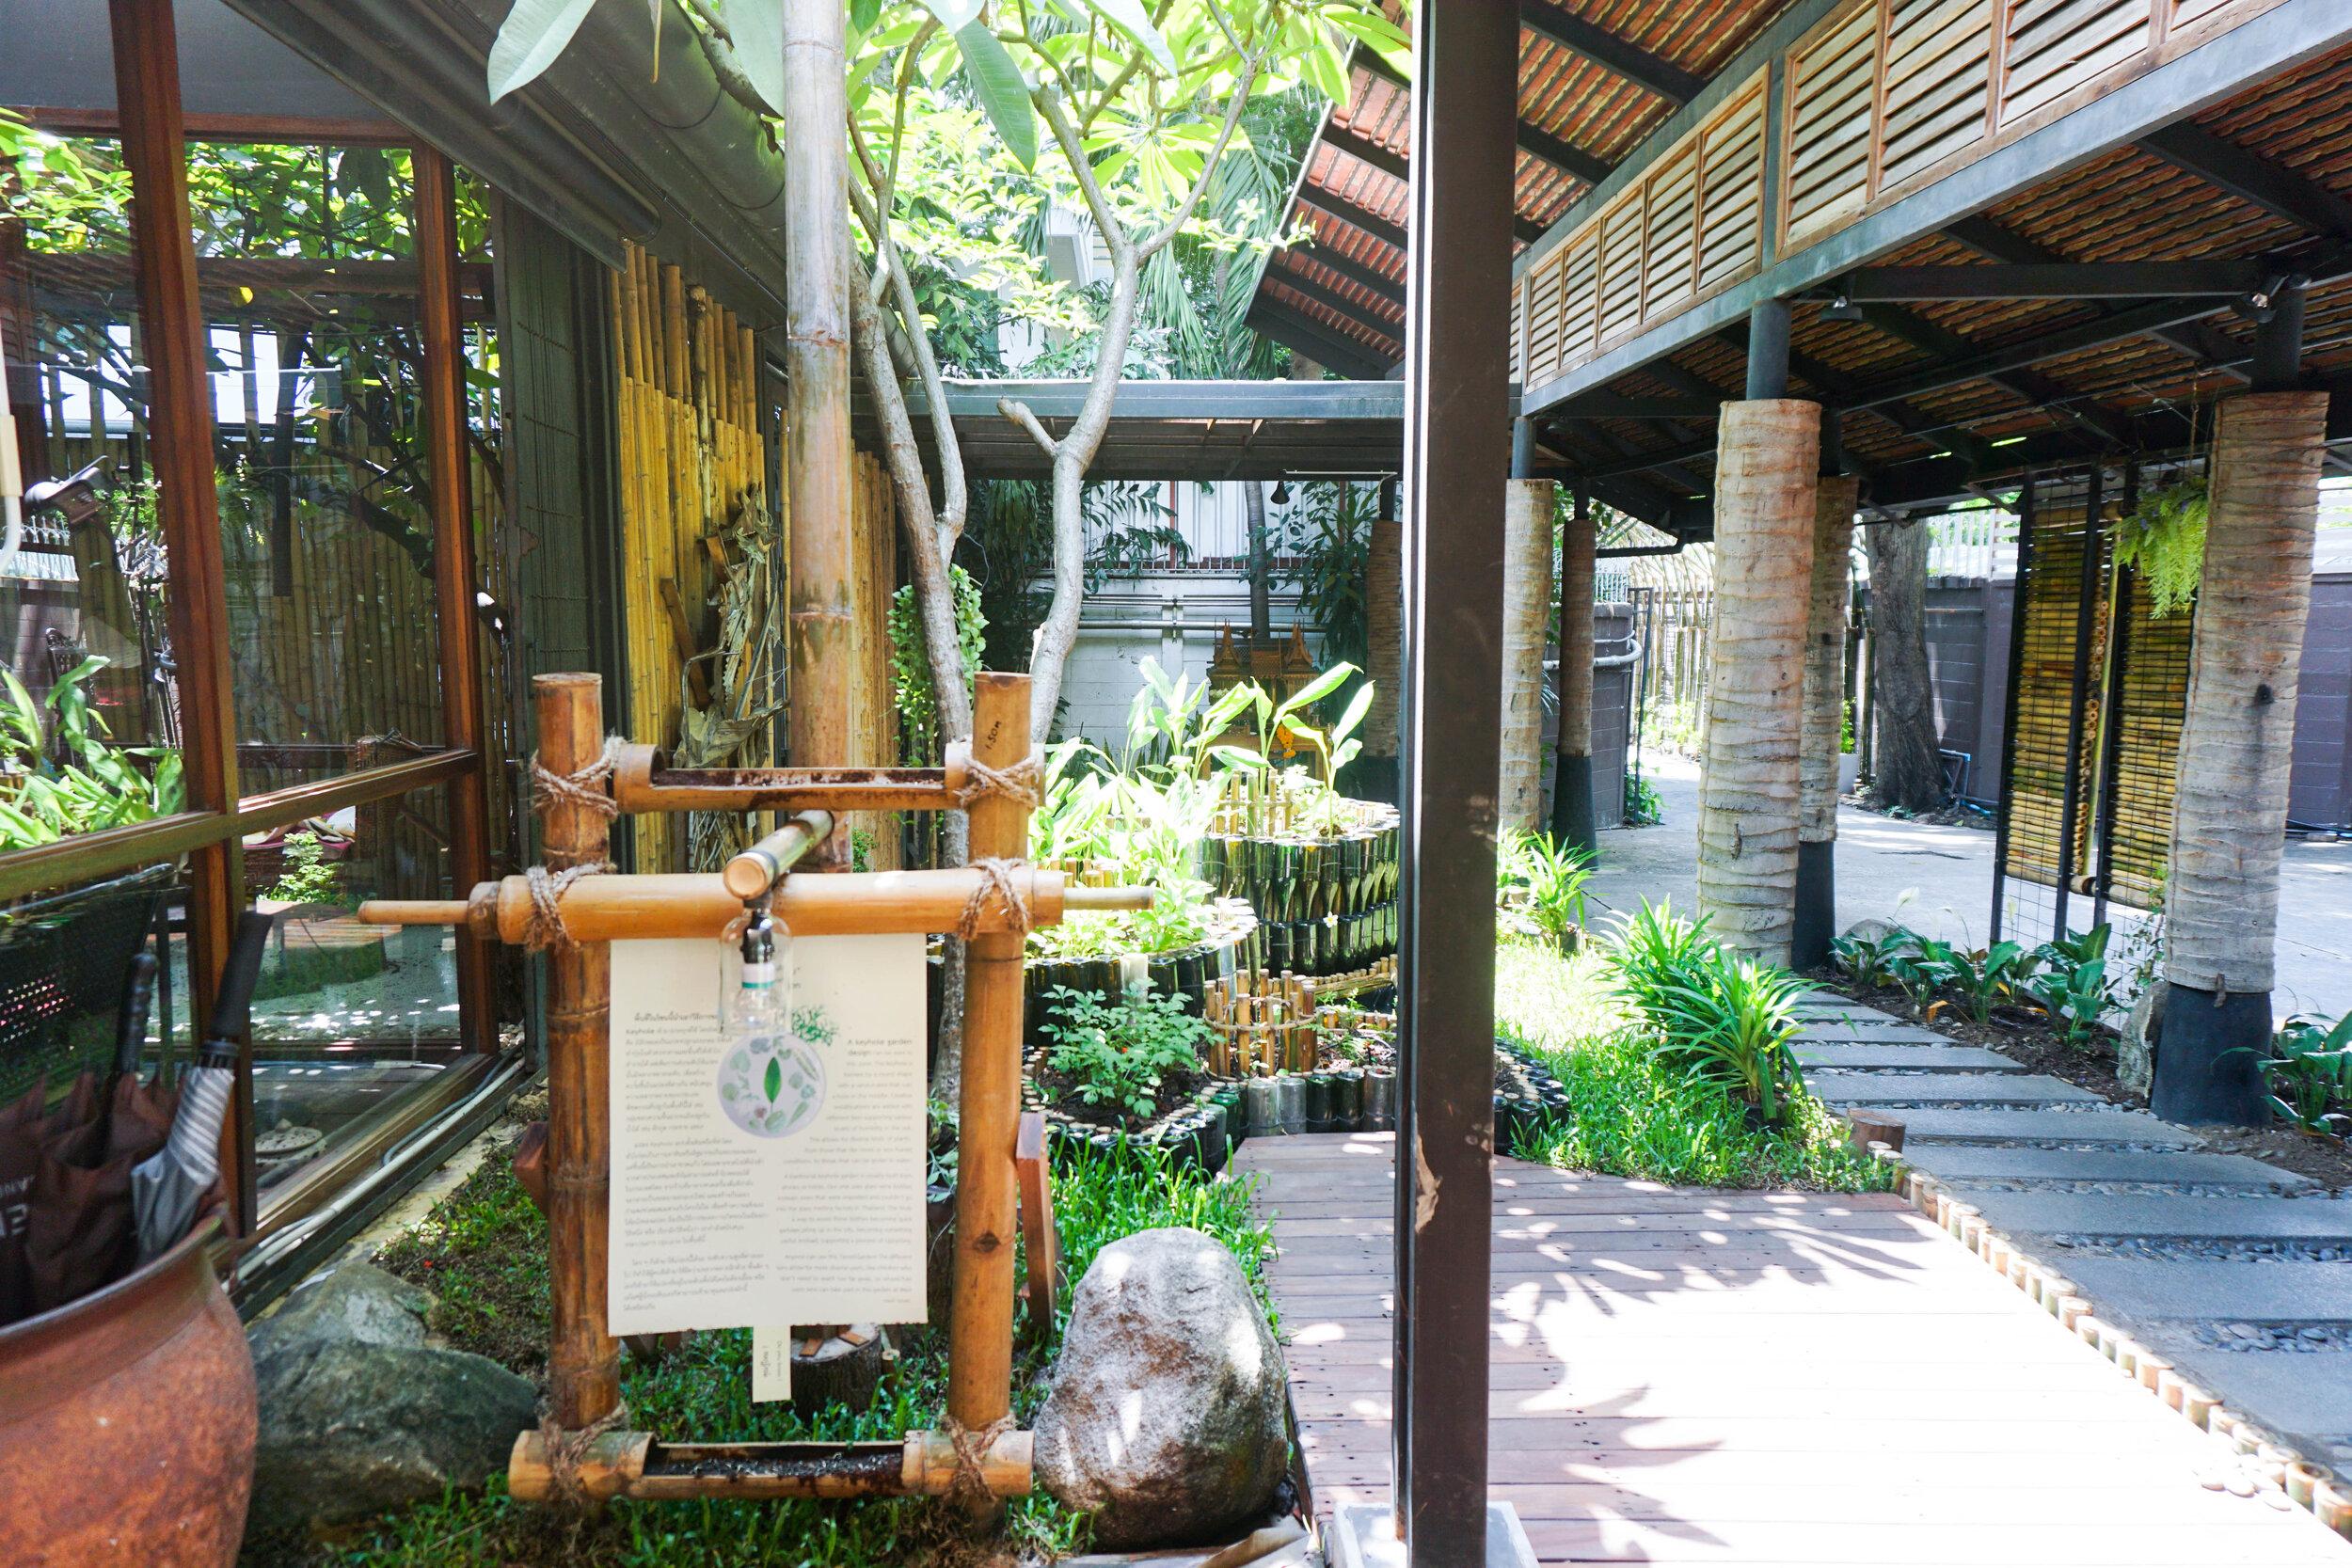 Bo.lan Edible Garden: Informative panel in ZONE B - The Tiered Garden